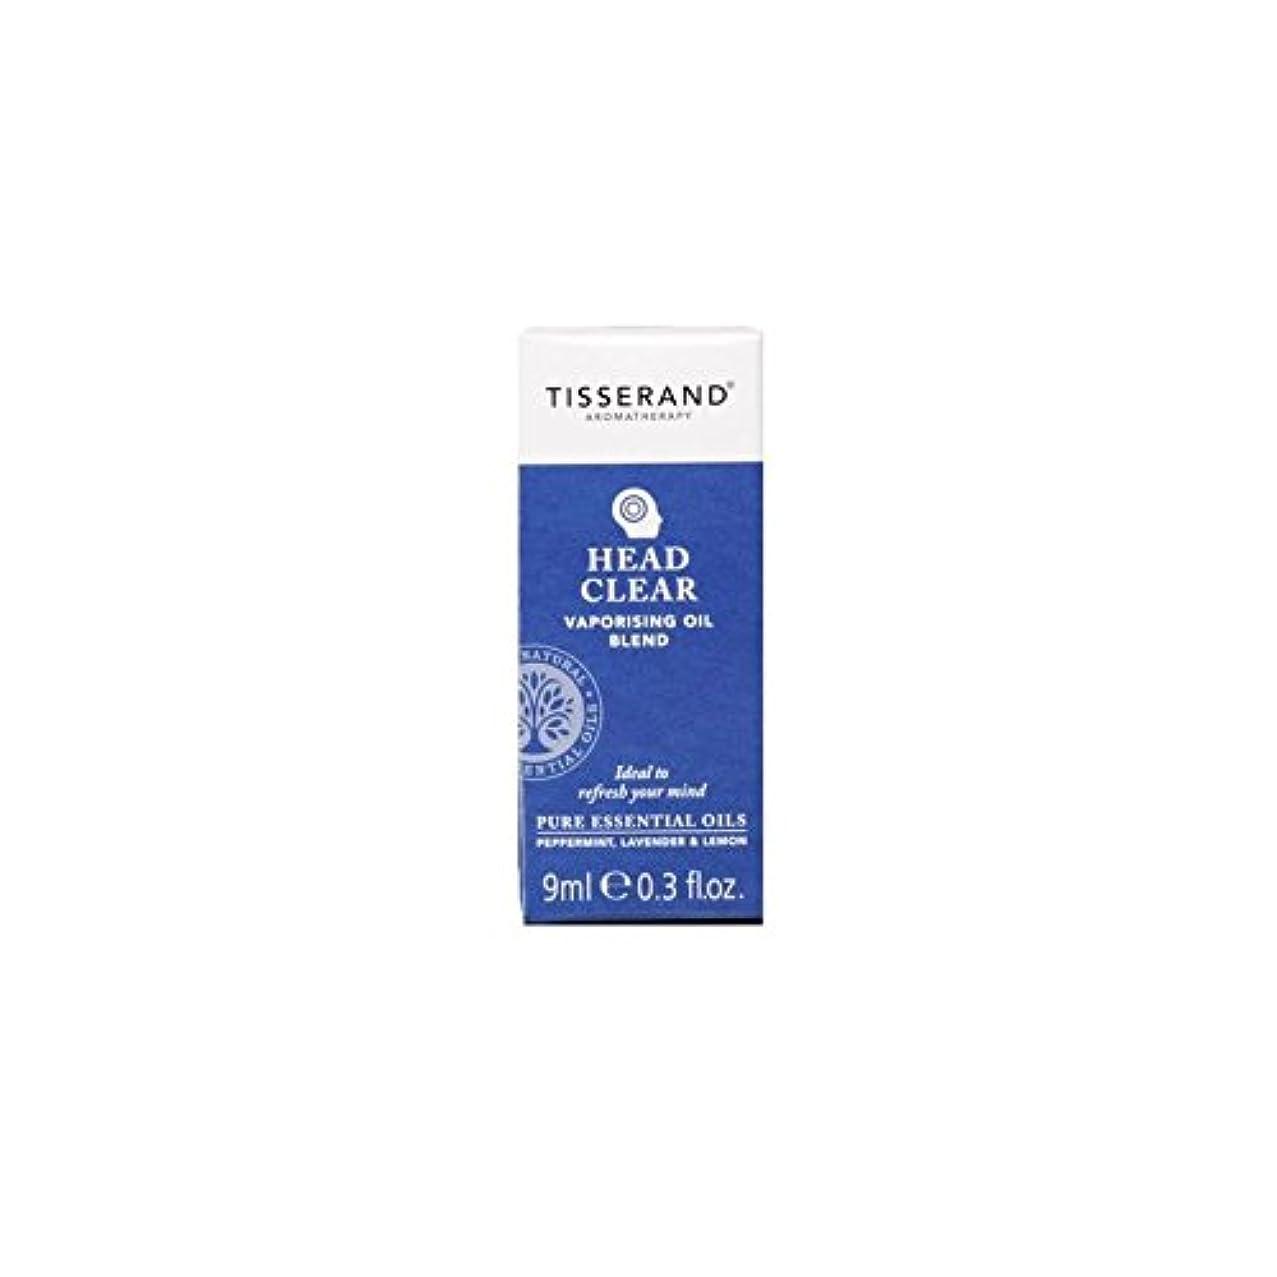 コメンテーターなる鮫ヘッド明確な気化油の9ミリリットル (Tisserand) (x 6) - Tisserand Head Clear Vaporising Oil 9ml (Pack of 6) [並行輸入品]